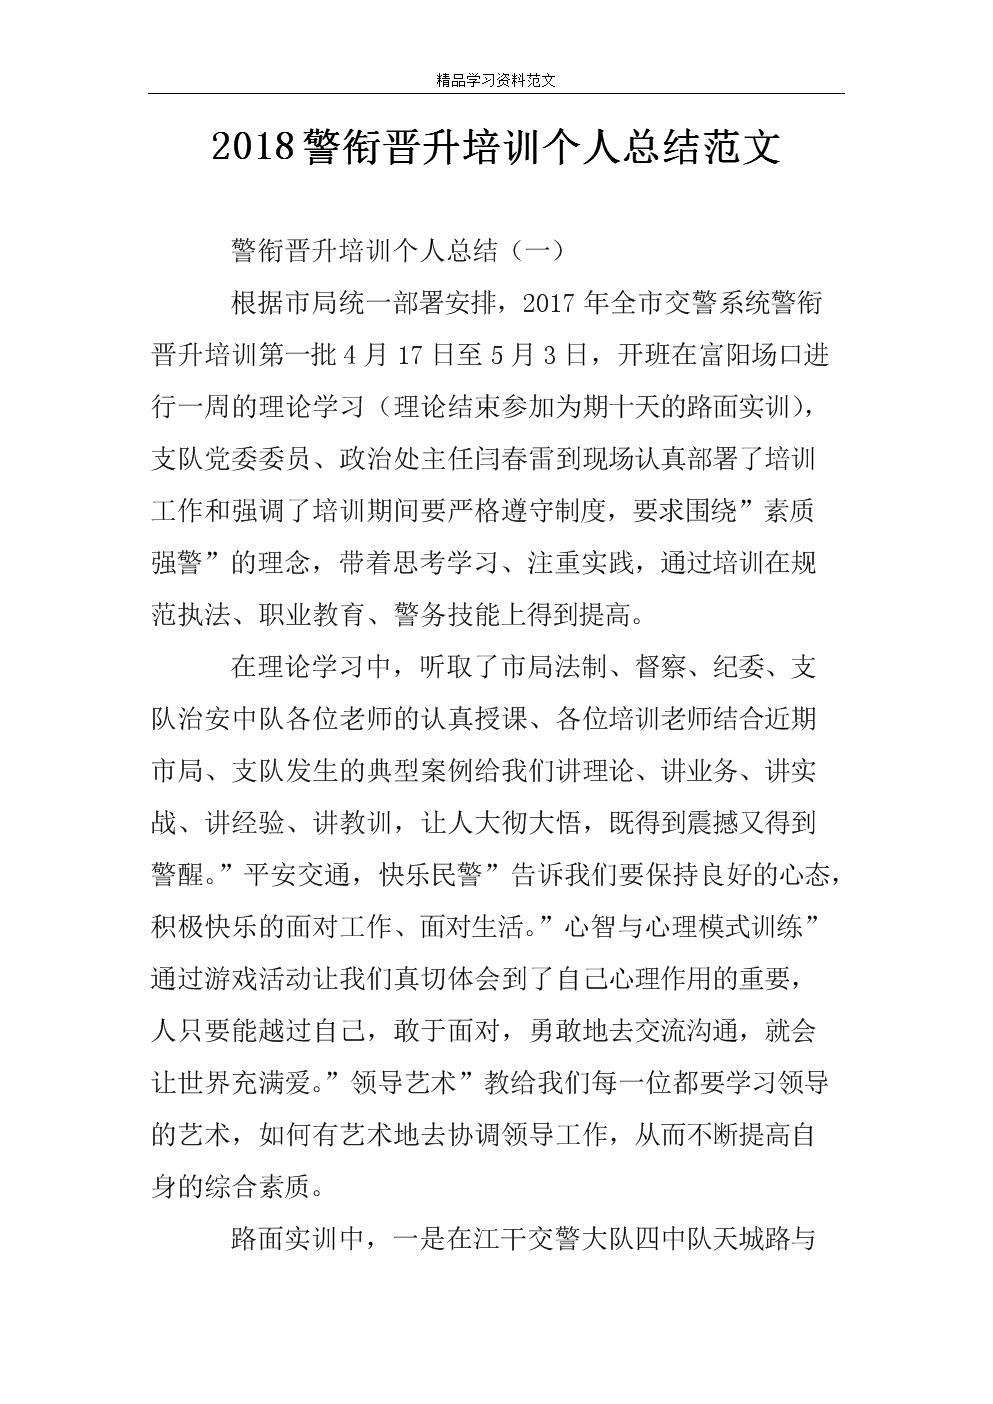 2018警衔晋升培训个人总结范文.doc